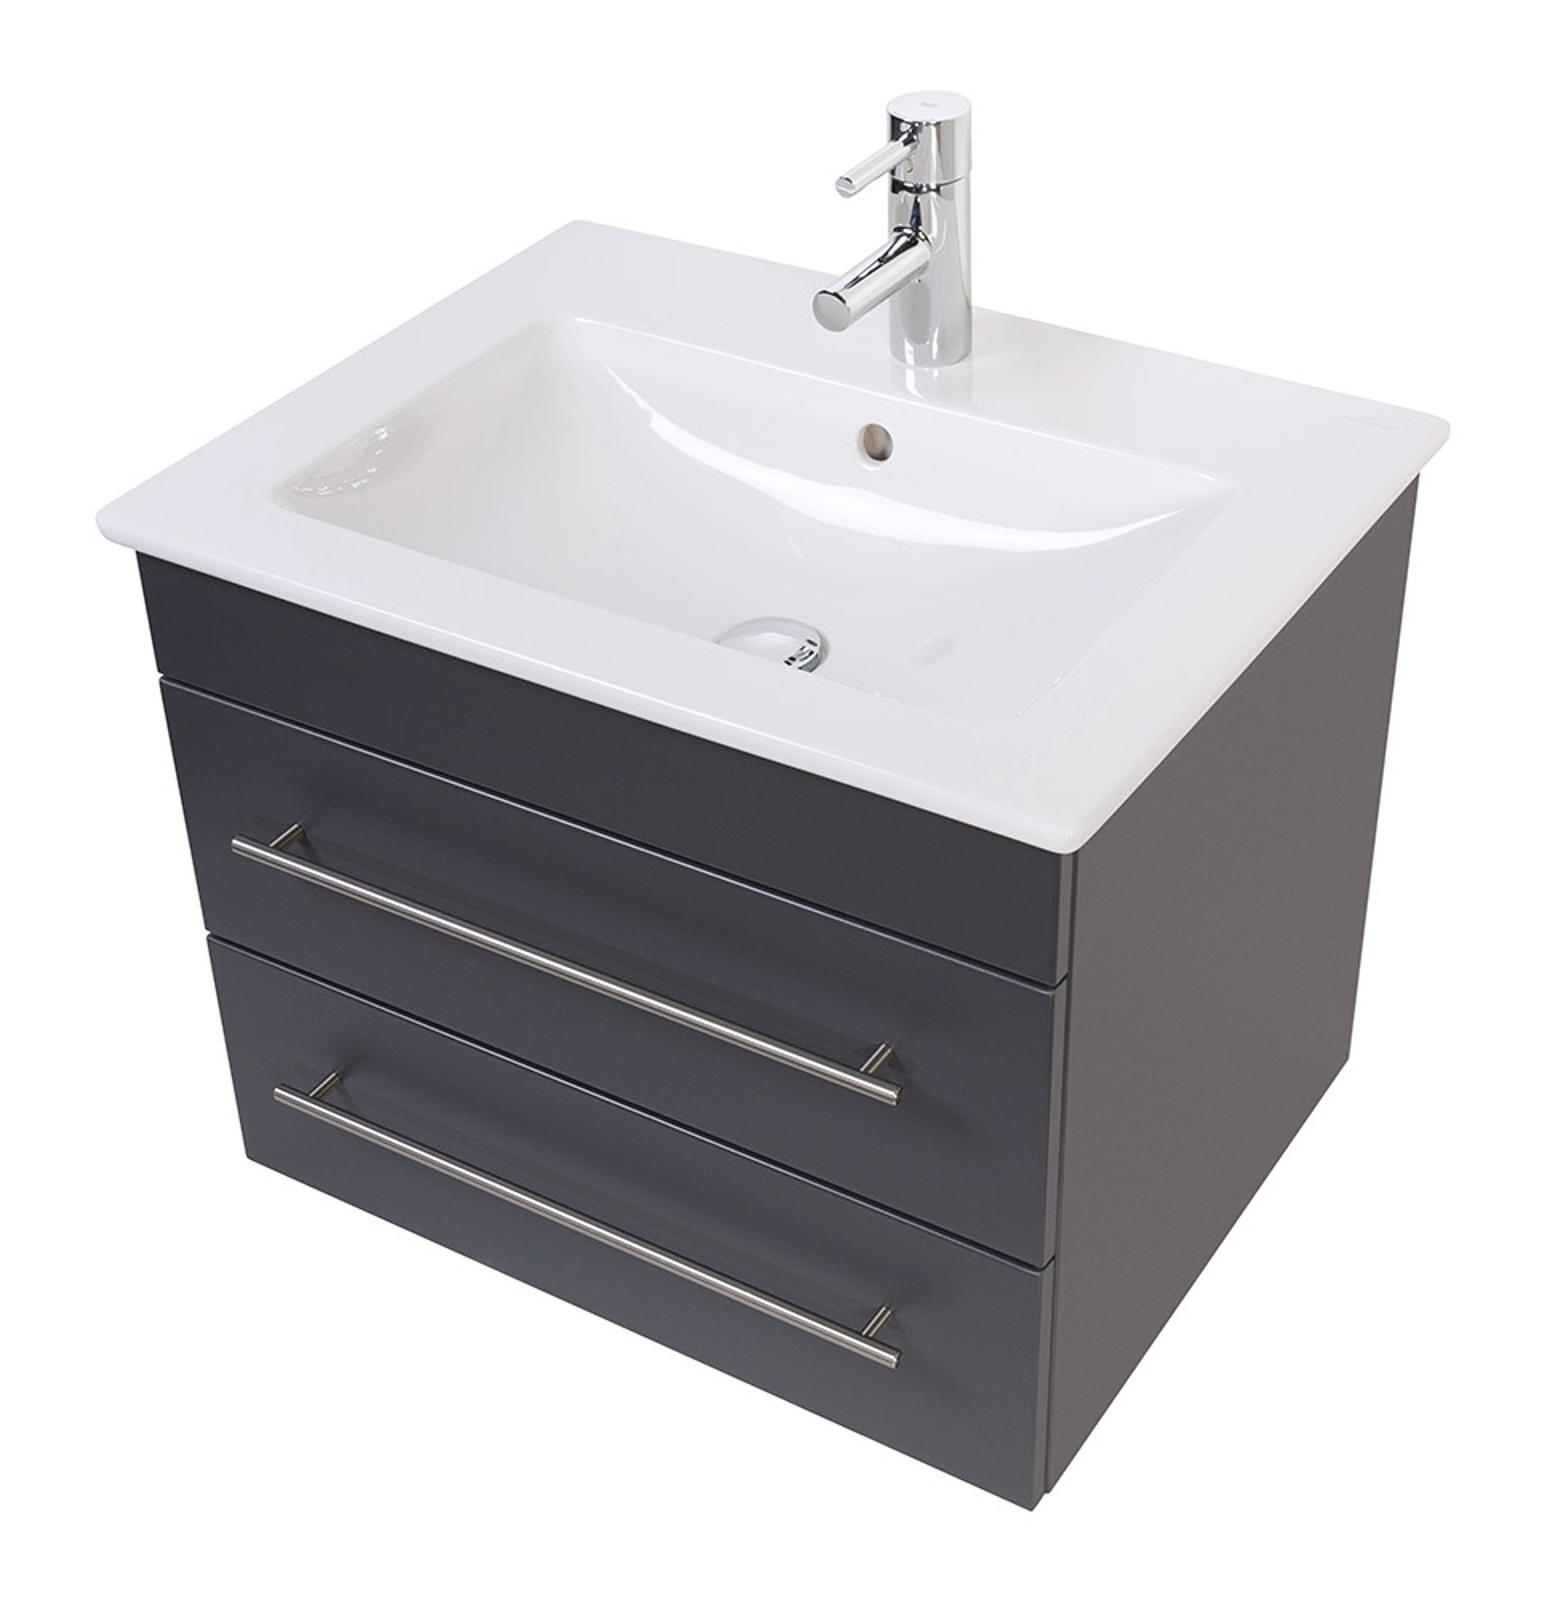 bad waschtisch mit villeroy boch becken venticello 65 cm breit grau bad waschtische. Black Bedroom Furniture Sets. Home Design Ideas